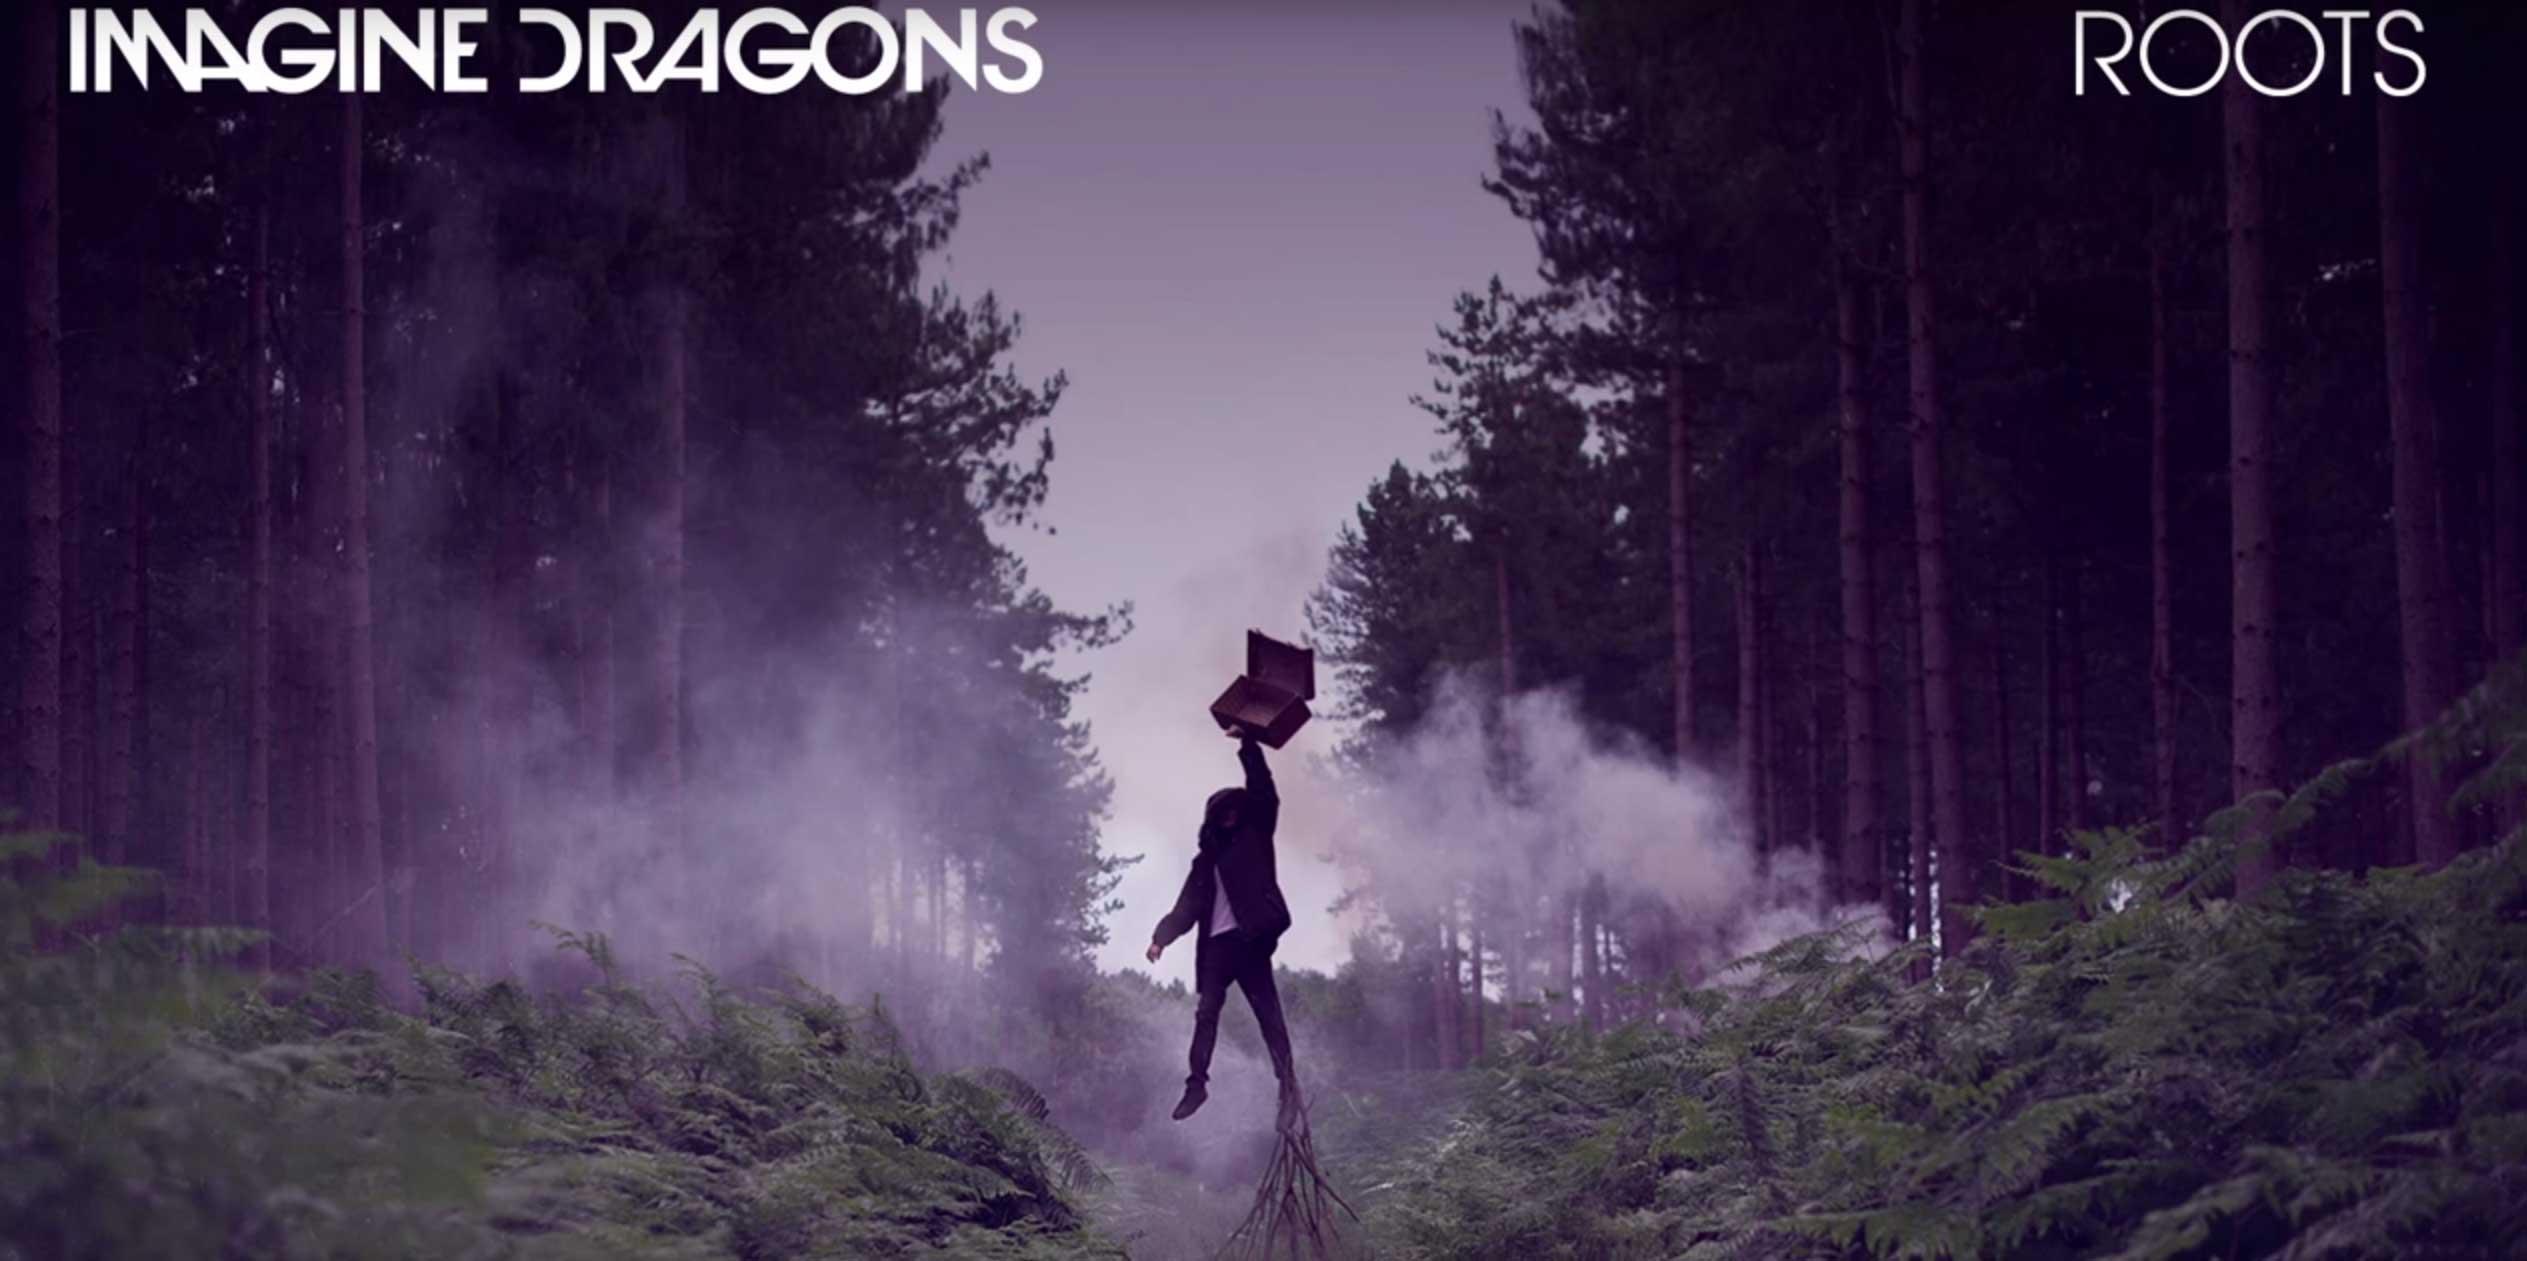 Imagine Dragons publica nueva canción: 'Roots'